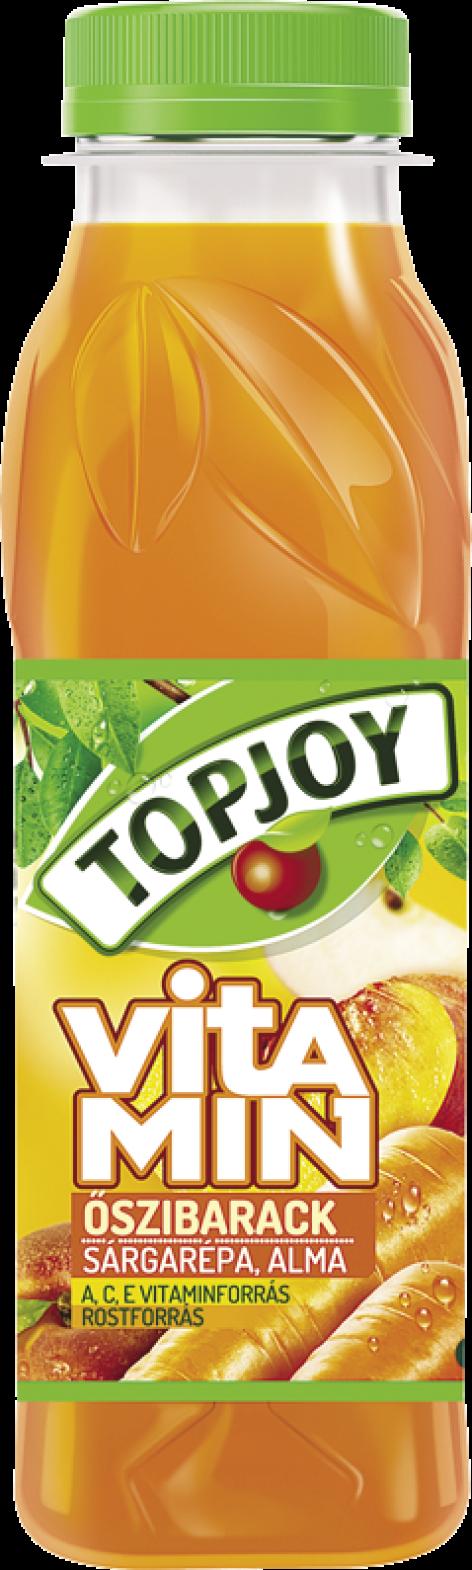 Topjoy Vitamin 0,3 l